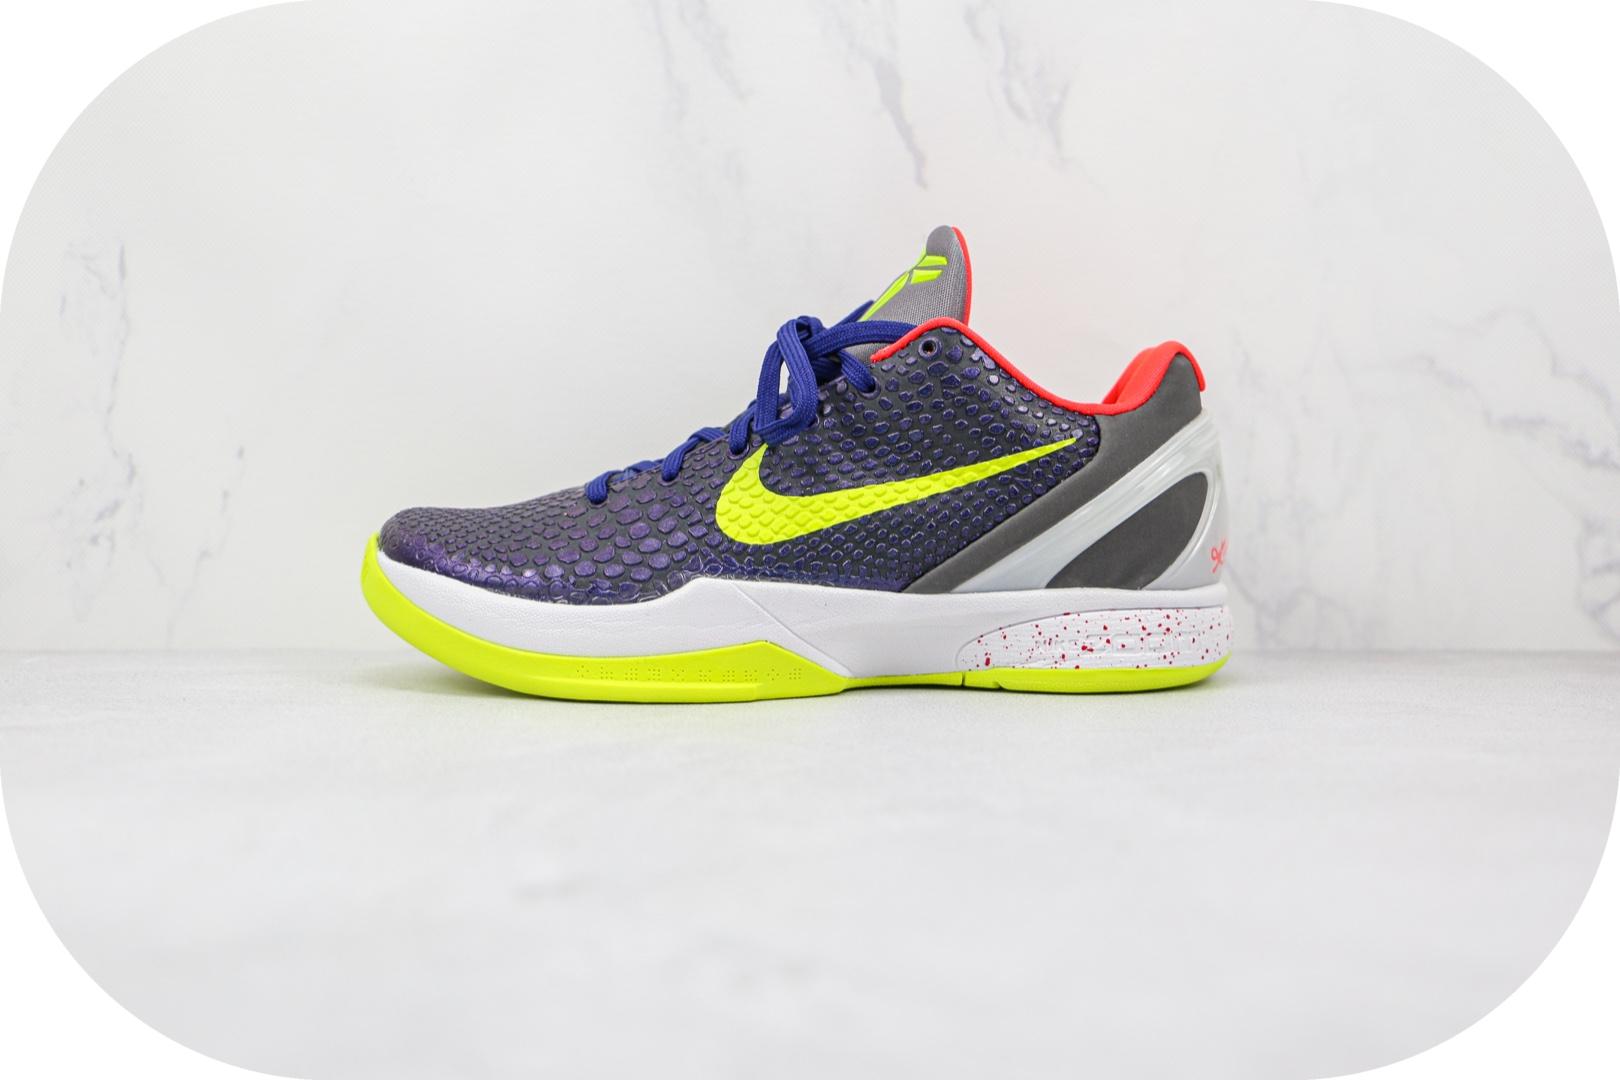 耐克Nike Kobe 6 Supreme灭世纯原版本科比6代小丑蓝绿色篮球鞋原鞋开模一比一打造 货号:446442-500